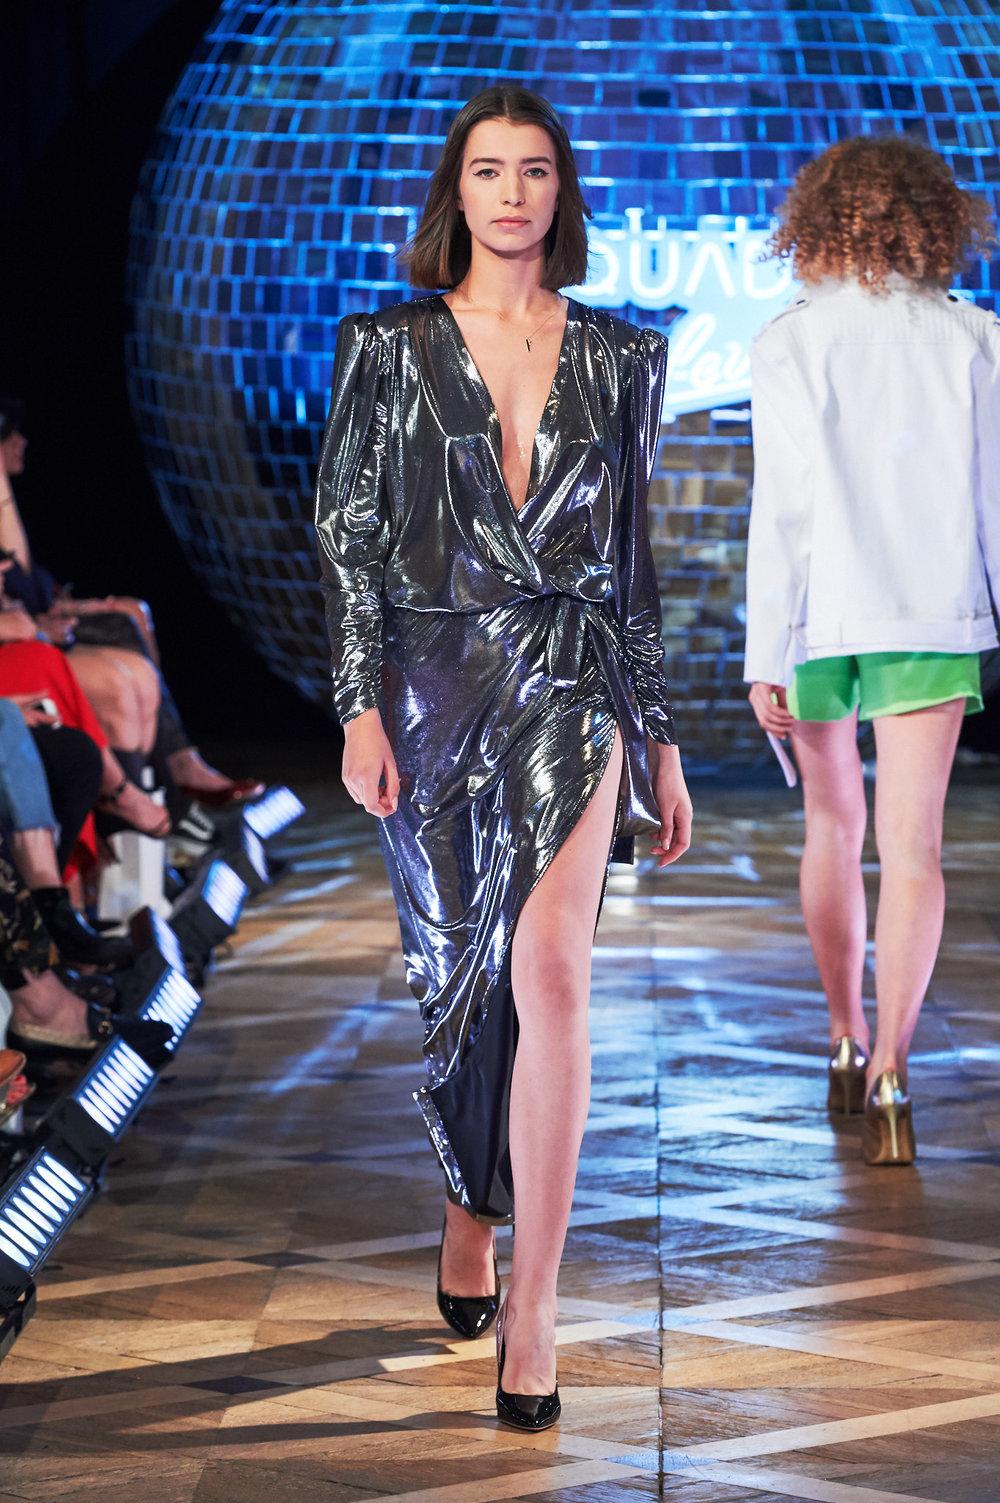 45_ZAQUAD_090519_lowres-fotFilipOkopny-FashionImages.jpg